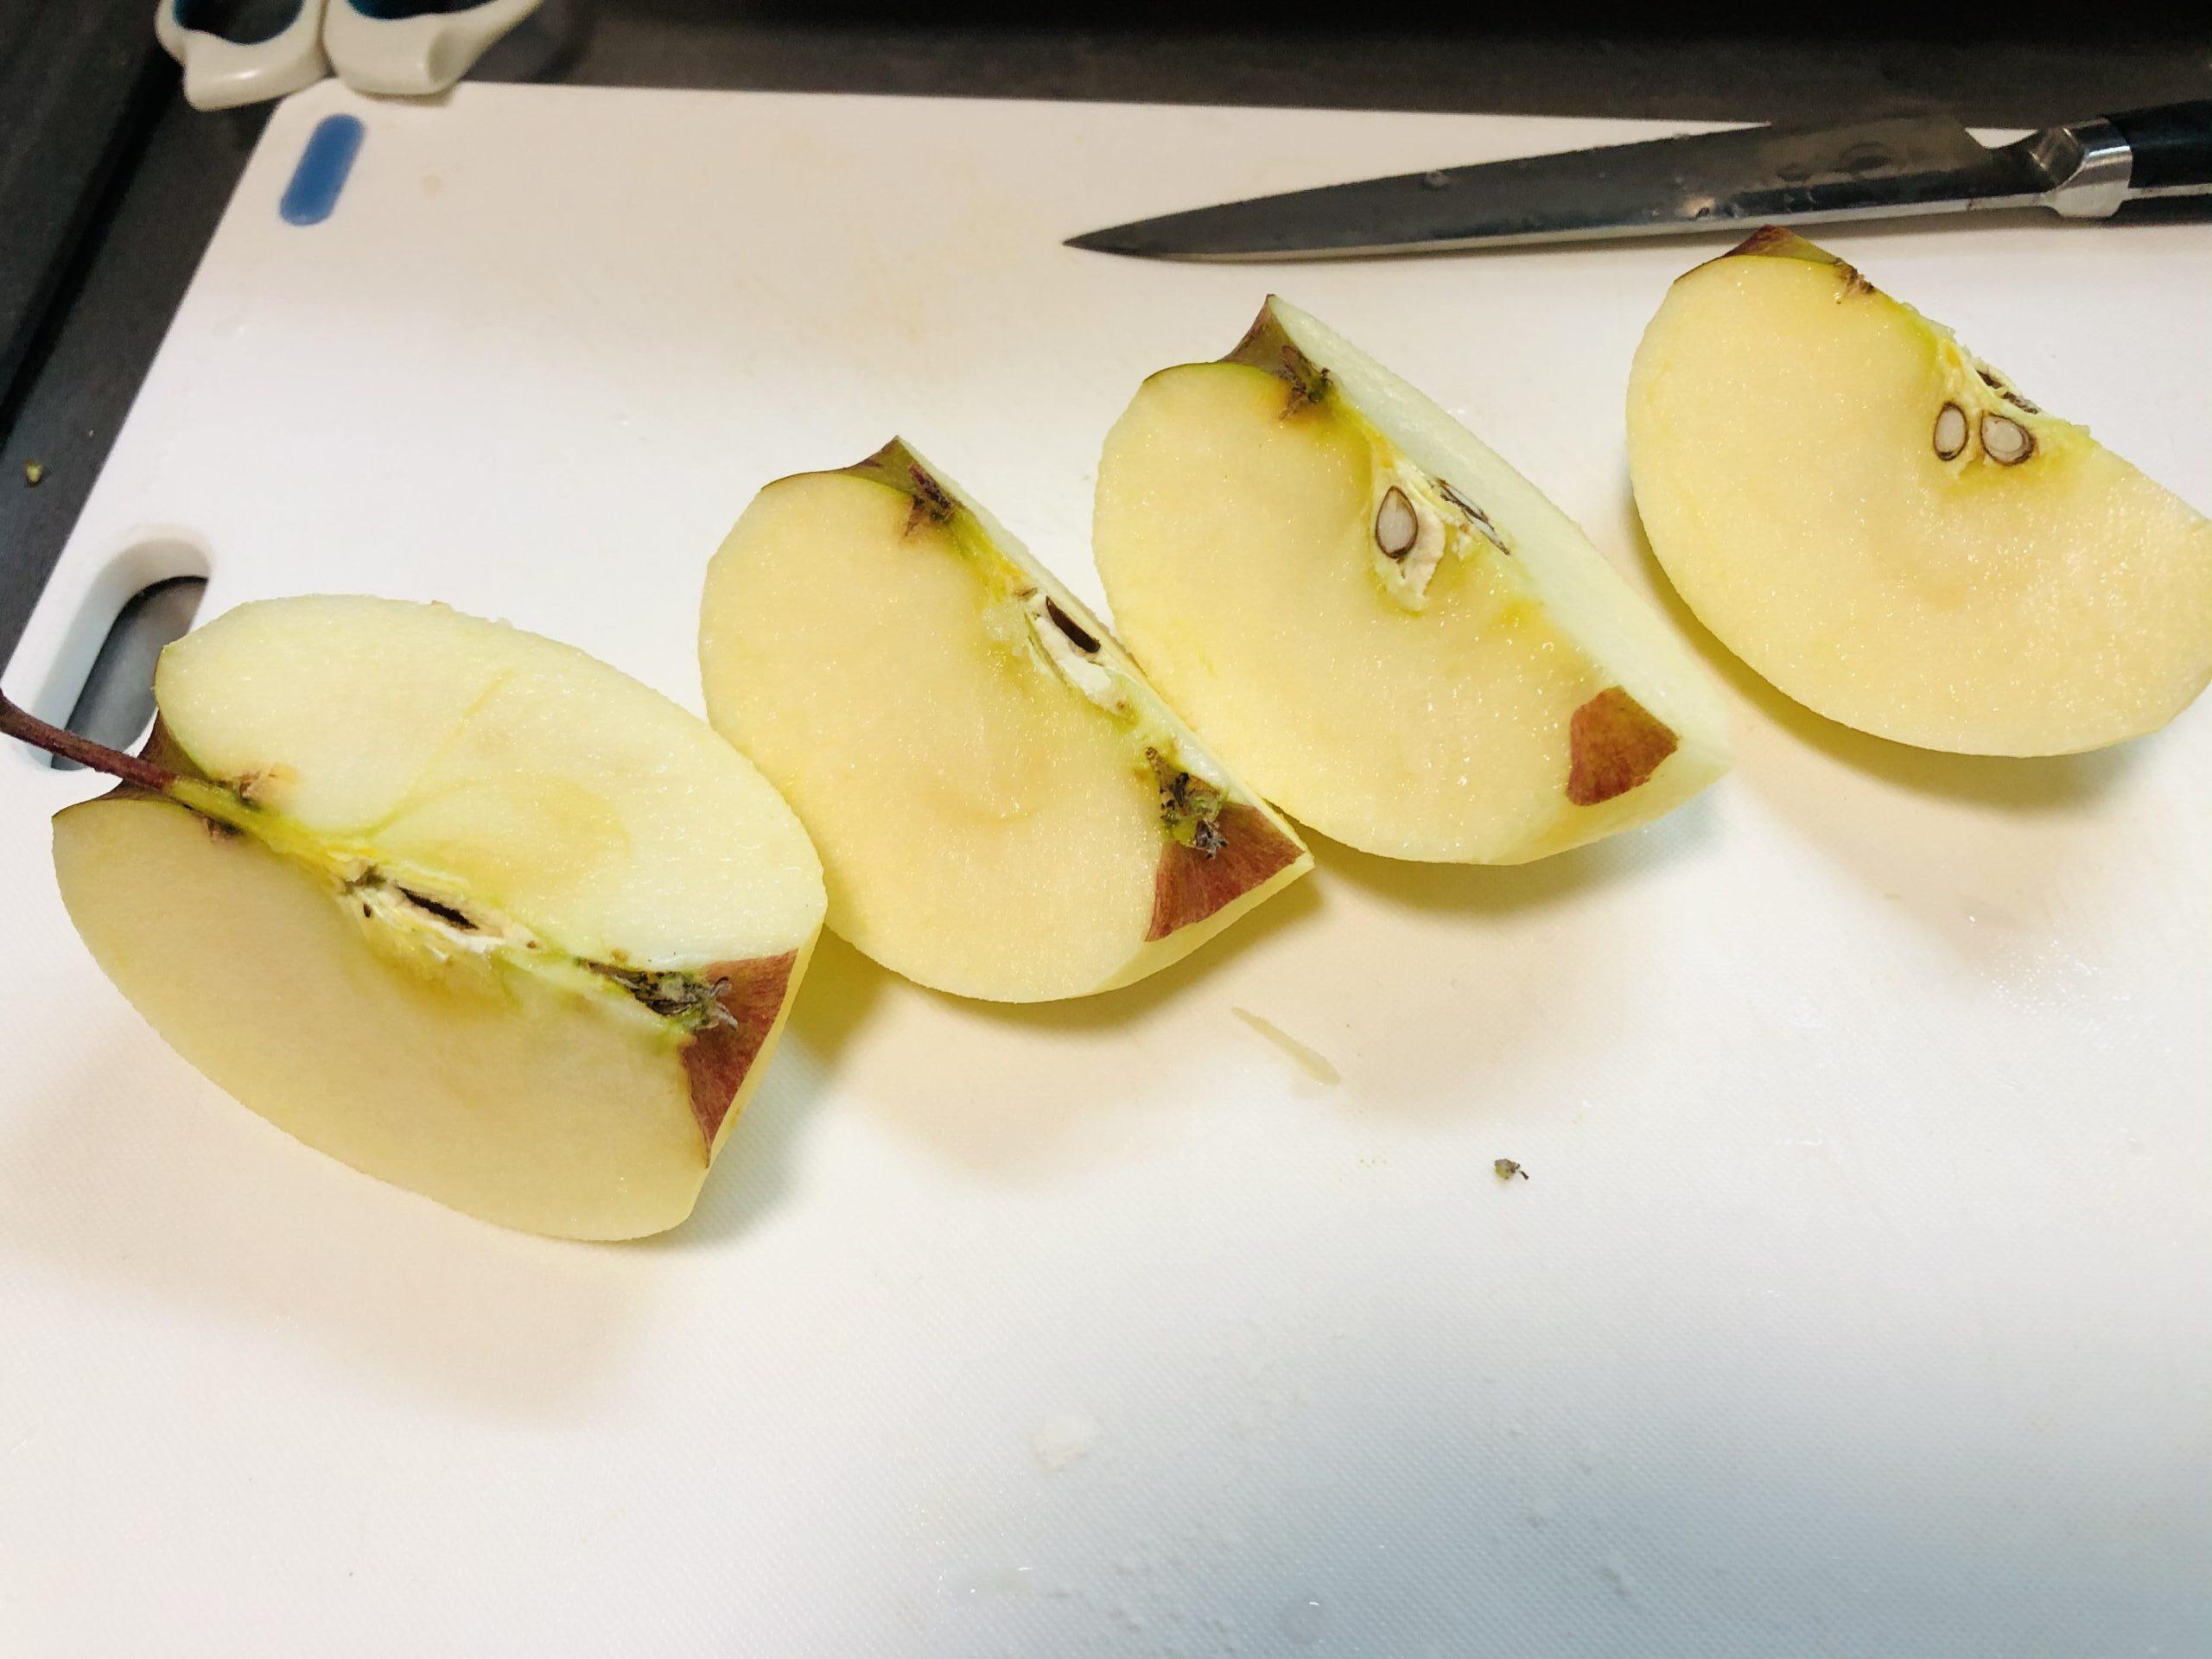 リンゴの皮を剥いて4等分した状態の画像です